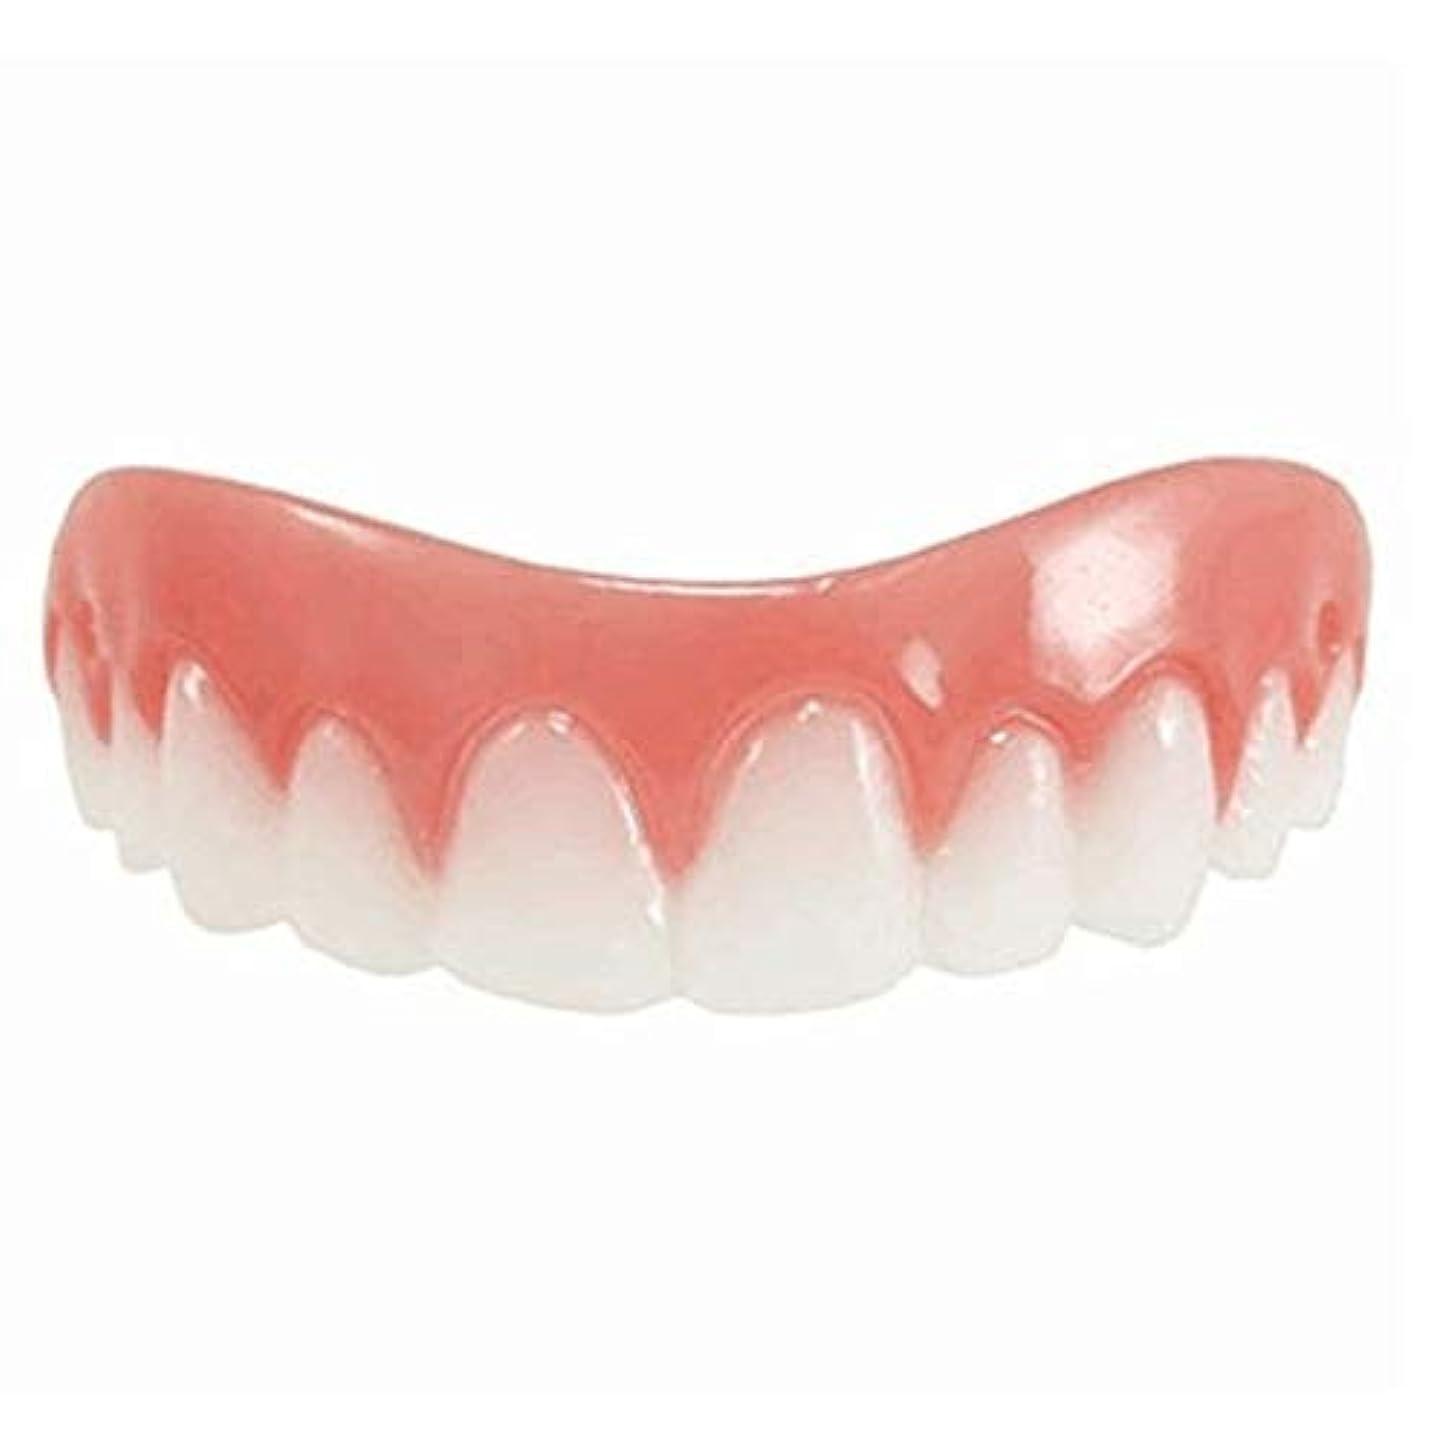 大通りスカートからシリコンシミュレーション義歯、歯科用ベニヤホワイトトゥースセット(1個),A